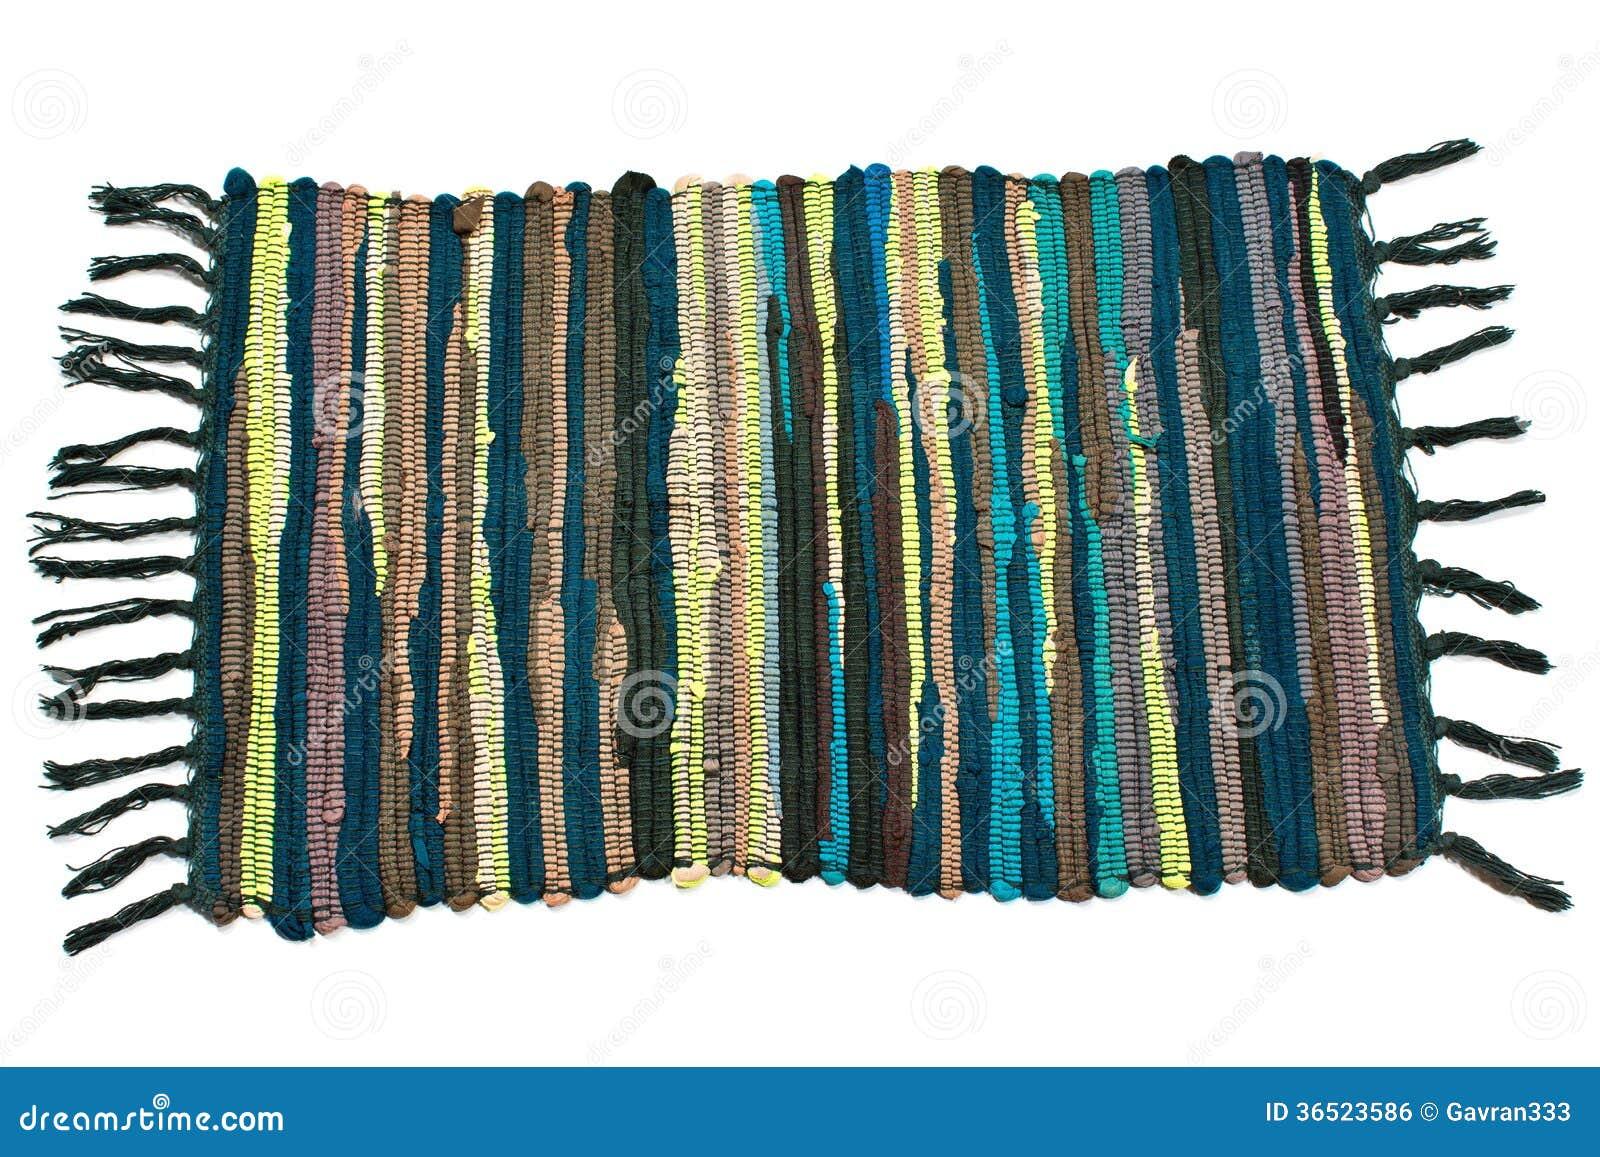 Peque a alfombra colorida imagen de archivo libre de regal as imagen 36523586 - Alfombras pequenas ...